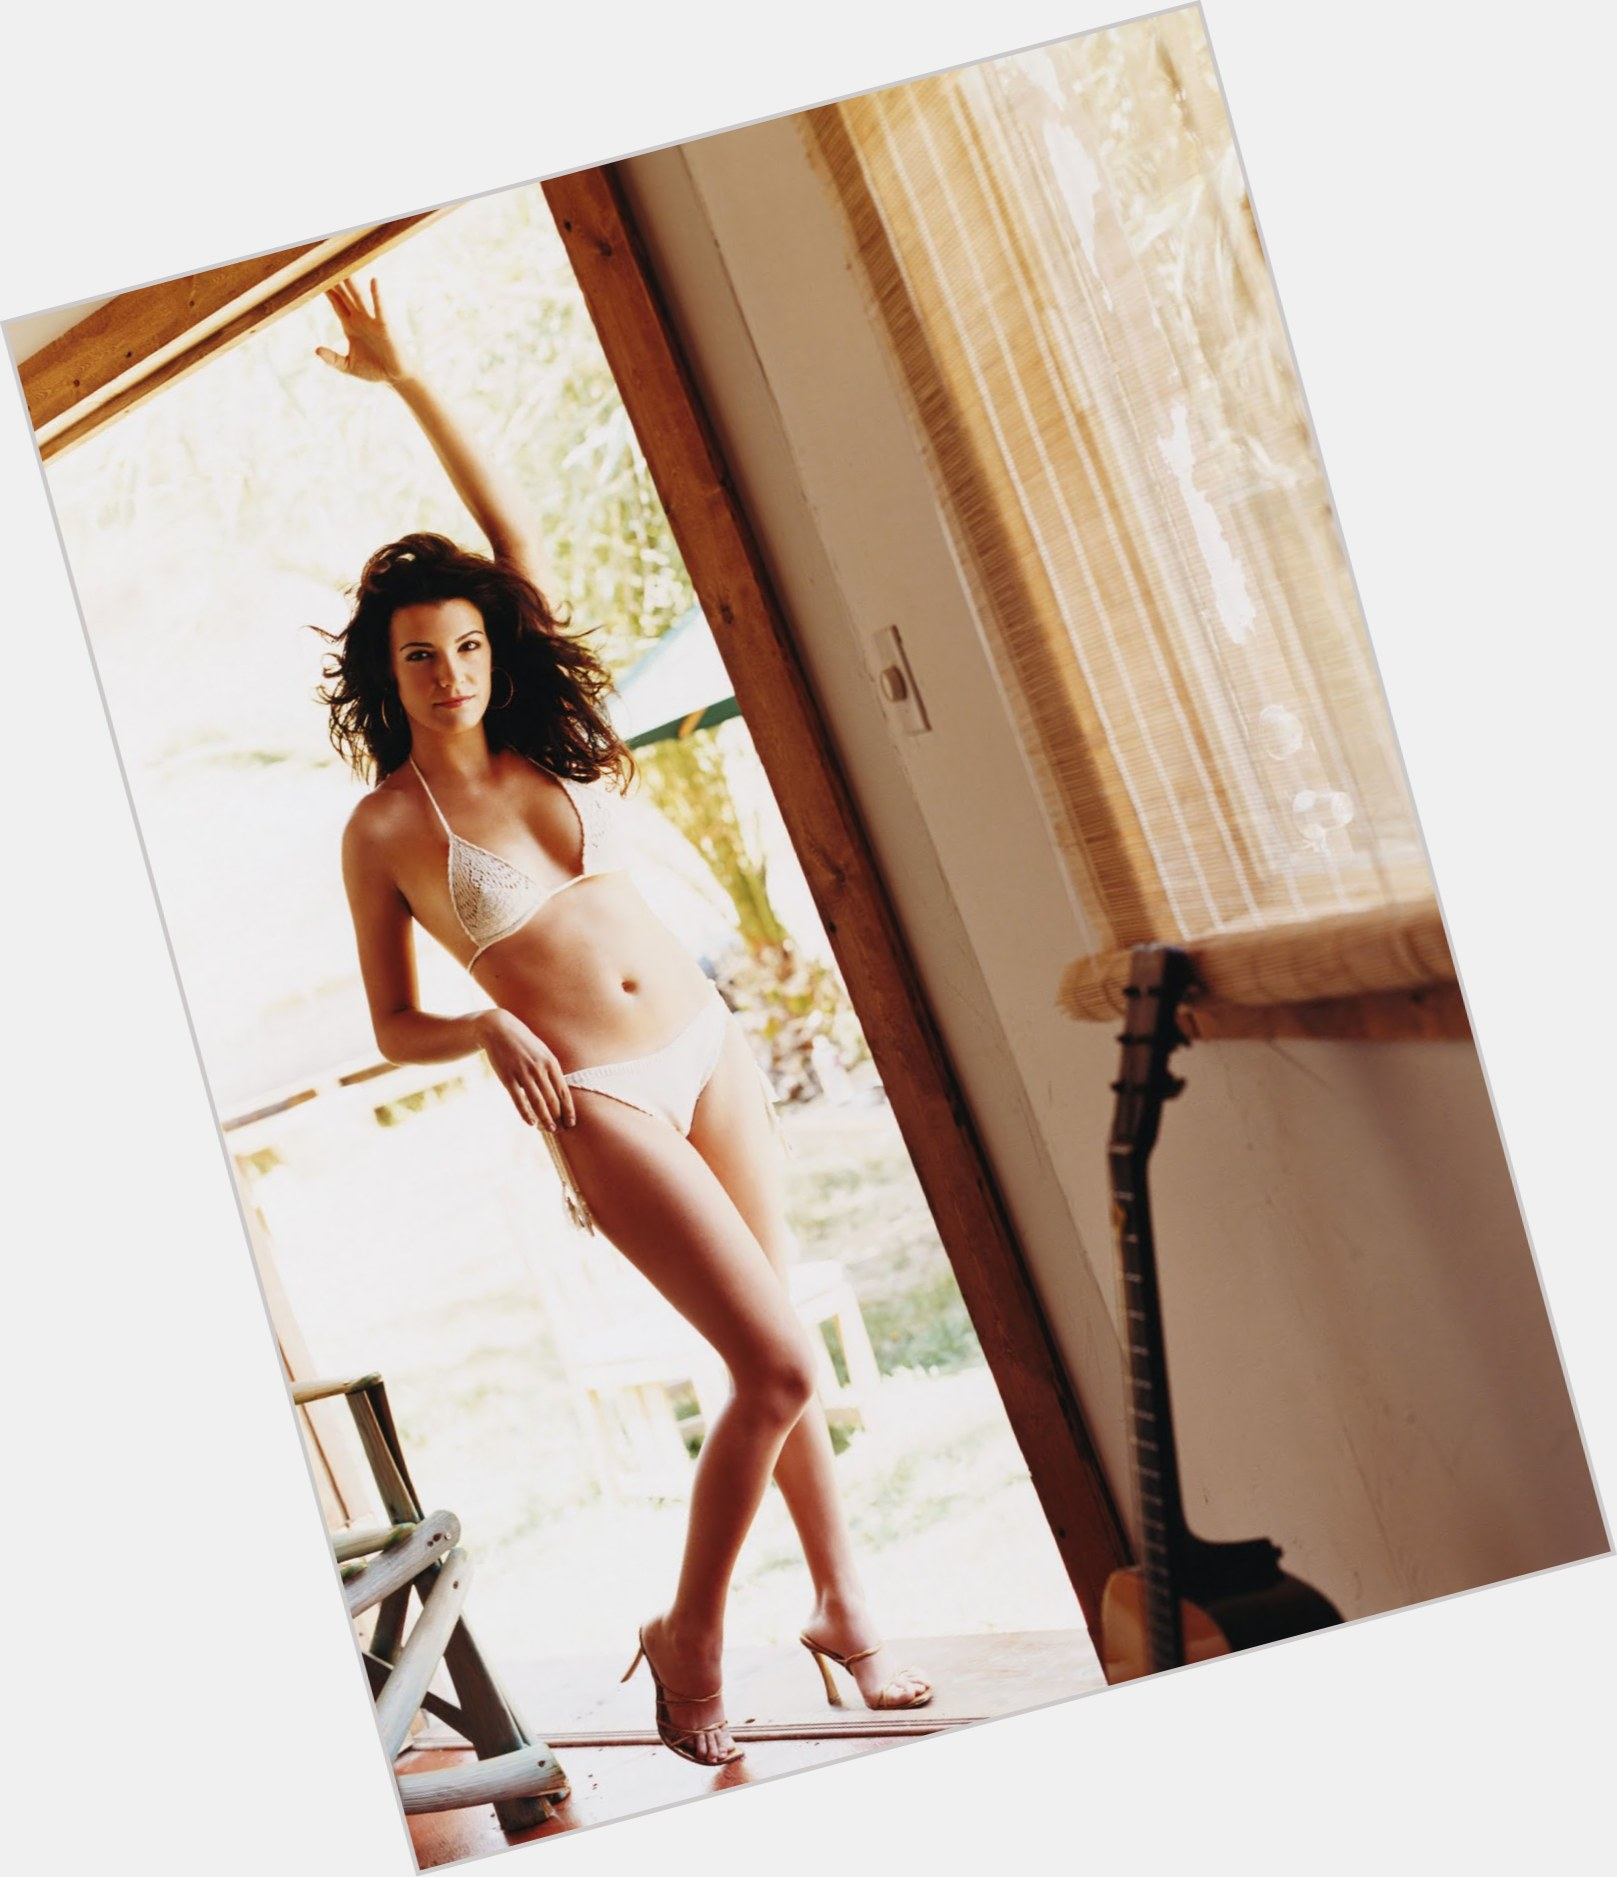 Cigliuti Natalia Nude Xxx 5